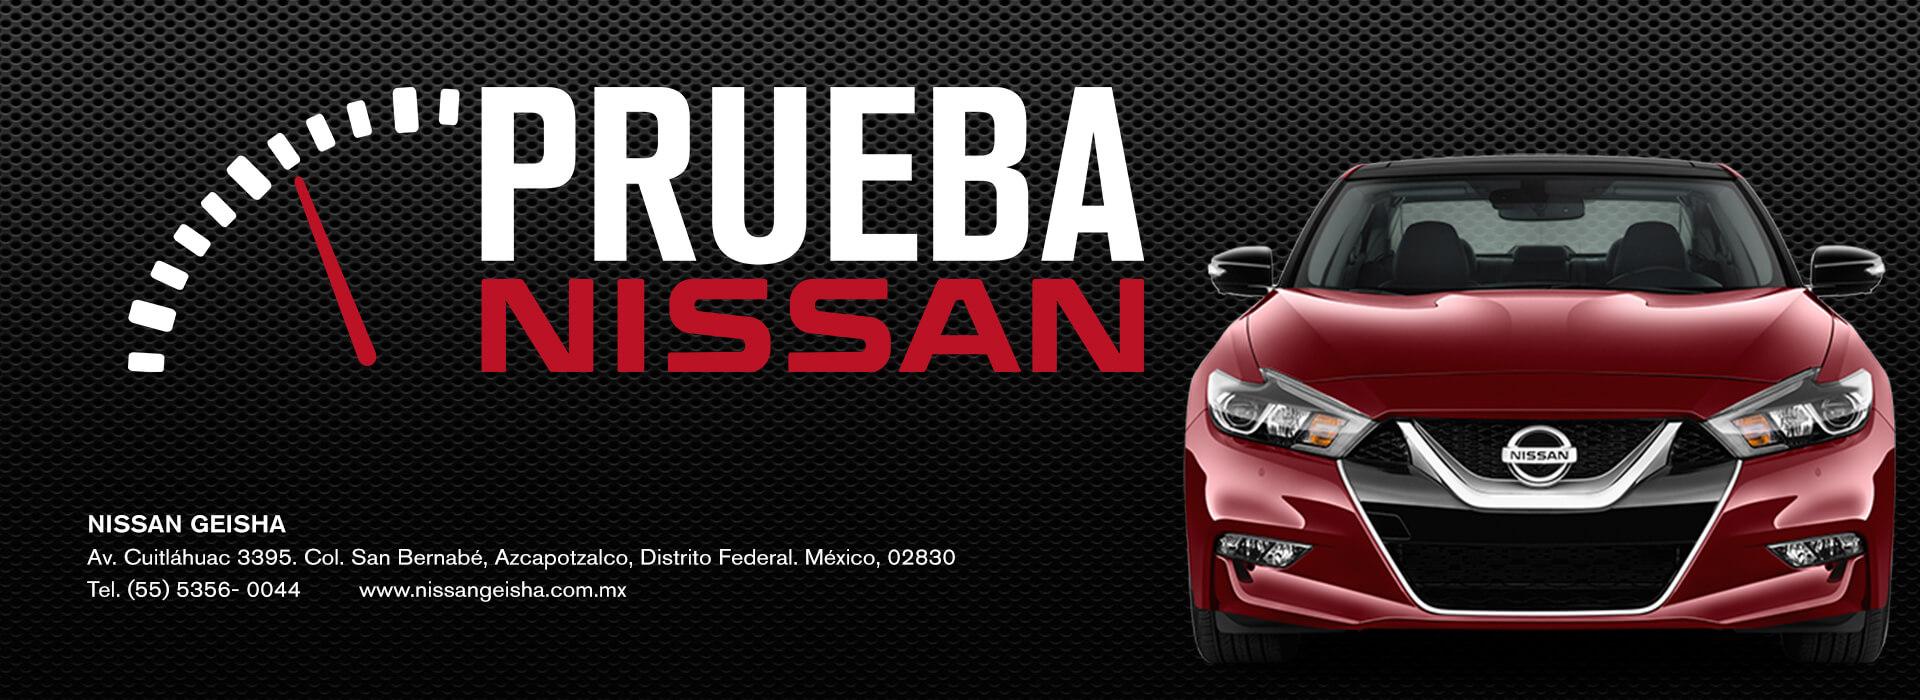 Prueba de Manejo Nissan